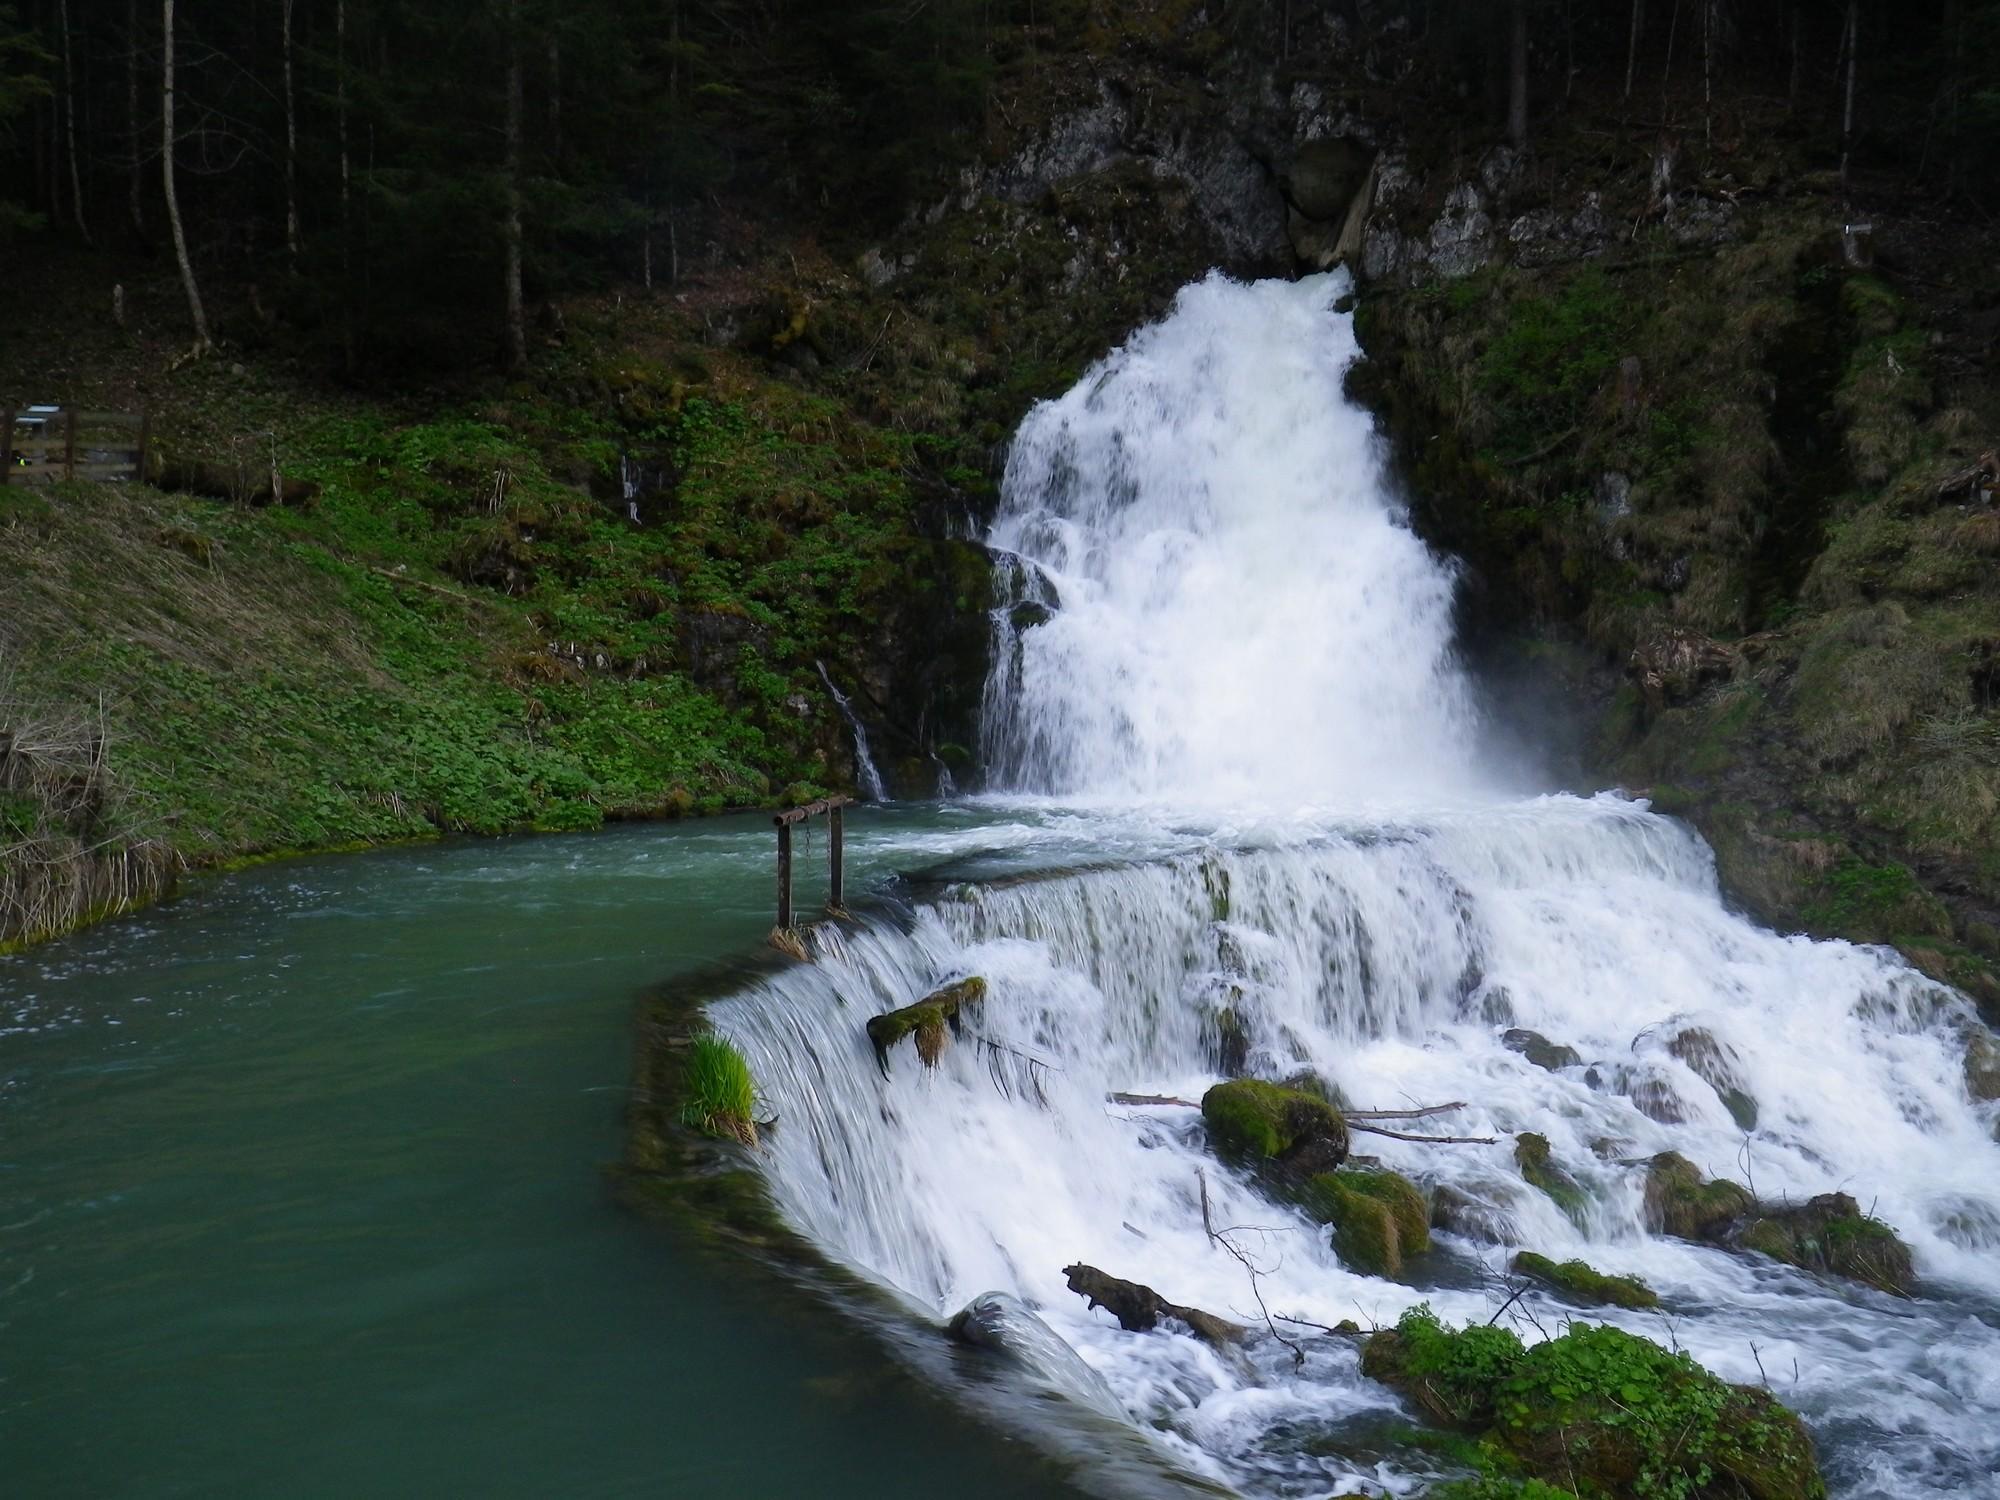 Der Wasserfall von Jaun – ein magischer Ort mit geheimnisvollem Ursprung